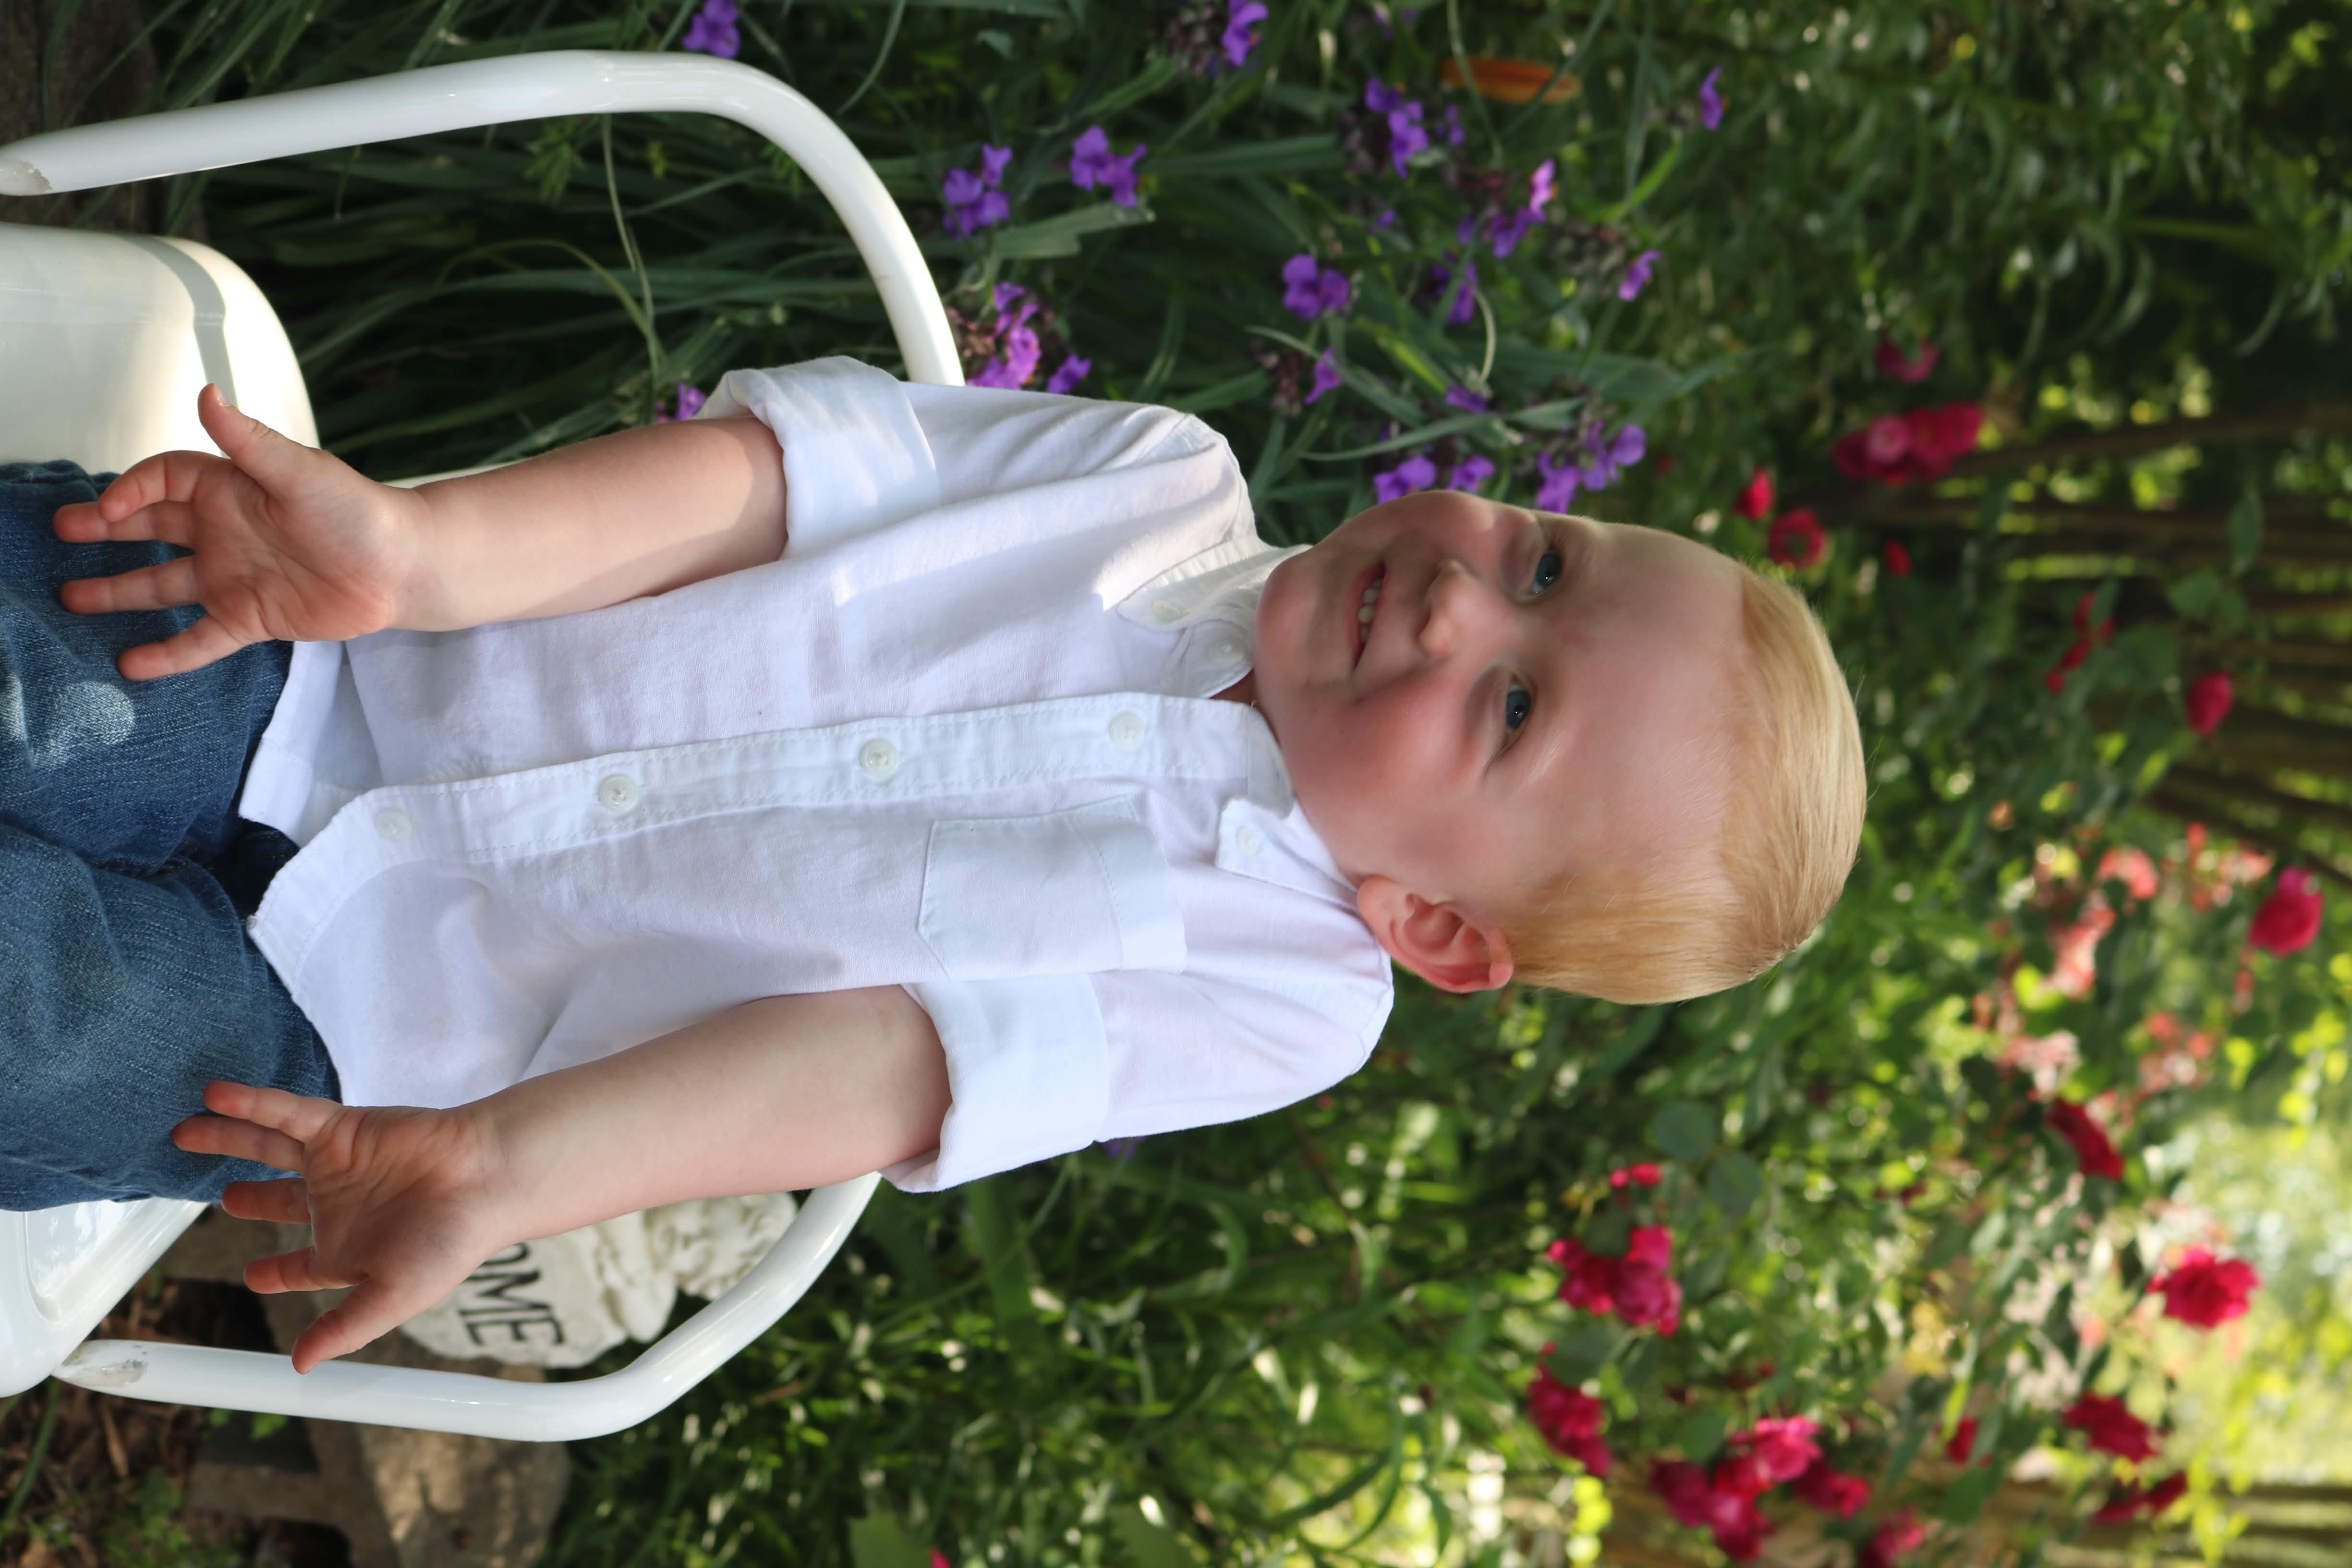 Boy white shirt 2